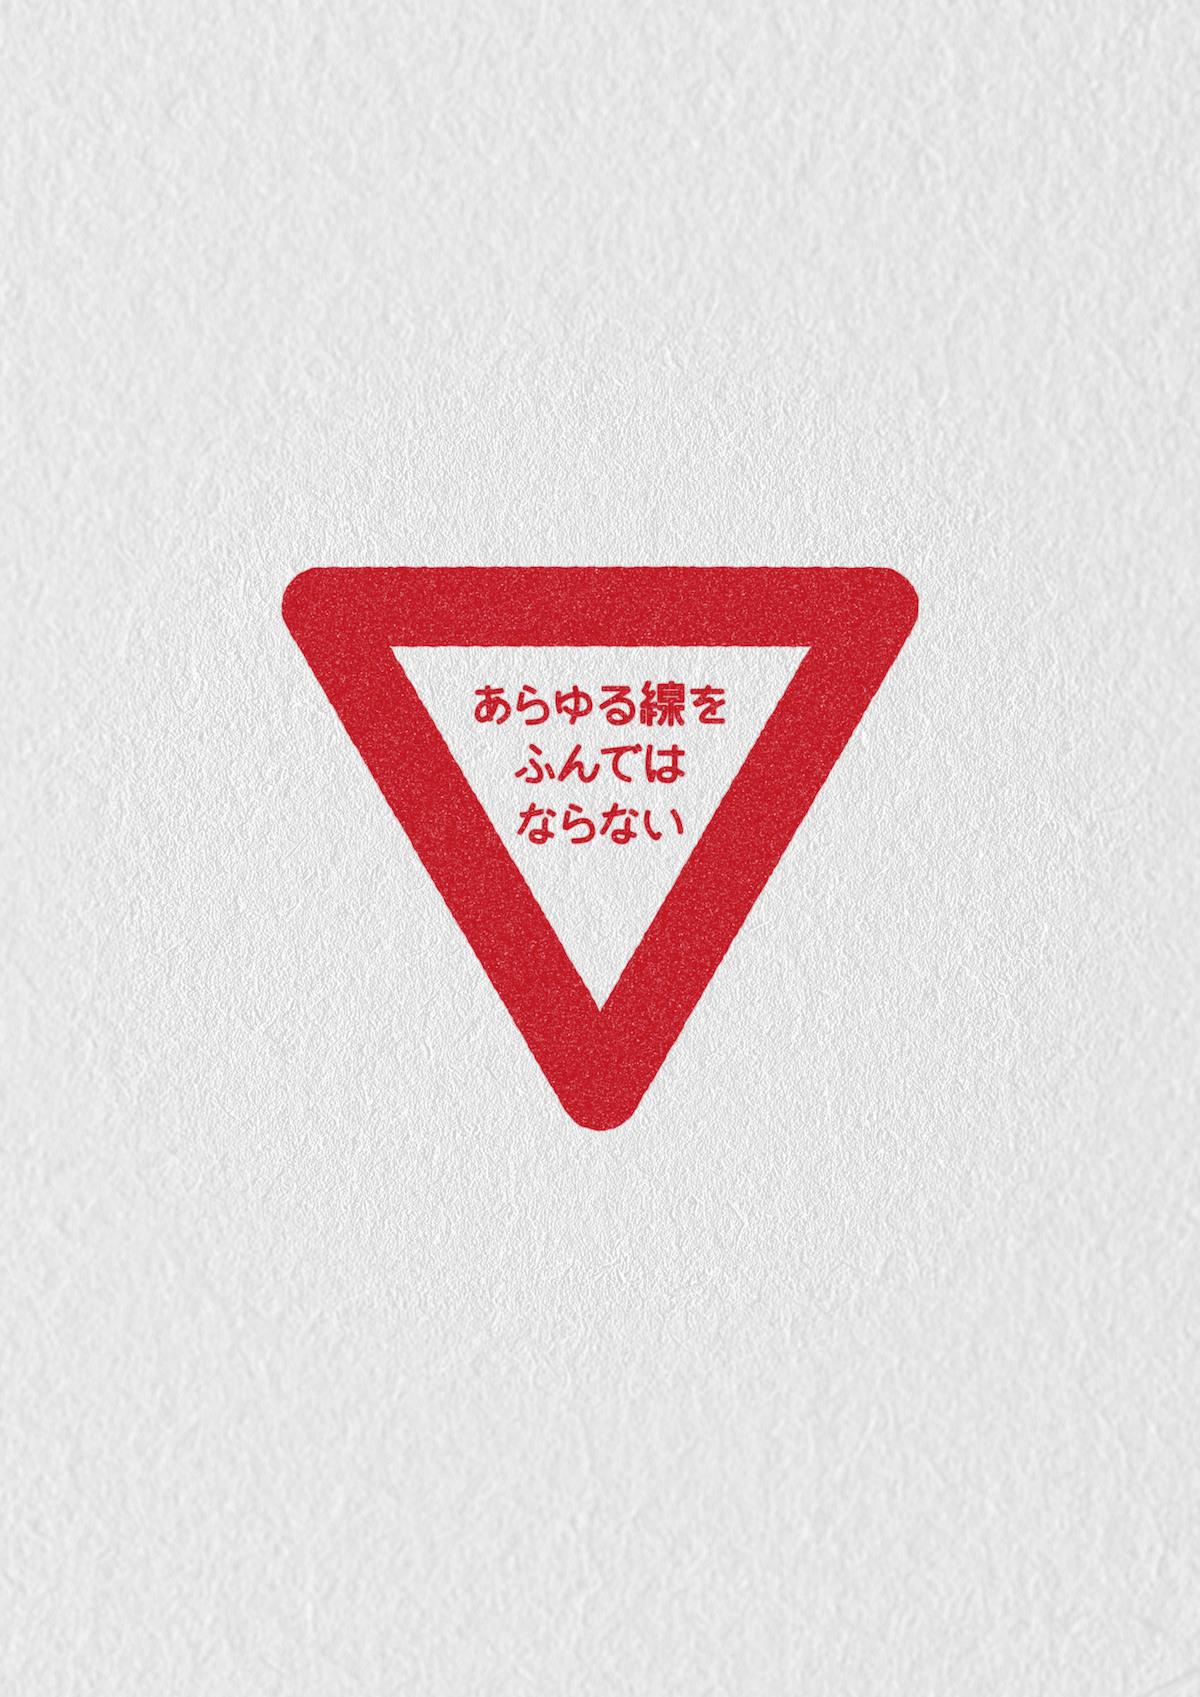 佐々木 隼(オインクゲームズ)「鑑賞のルール」(参考画像)